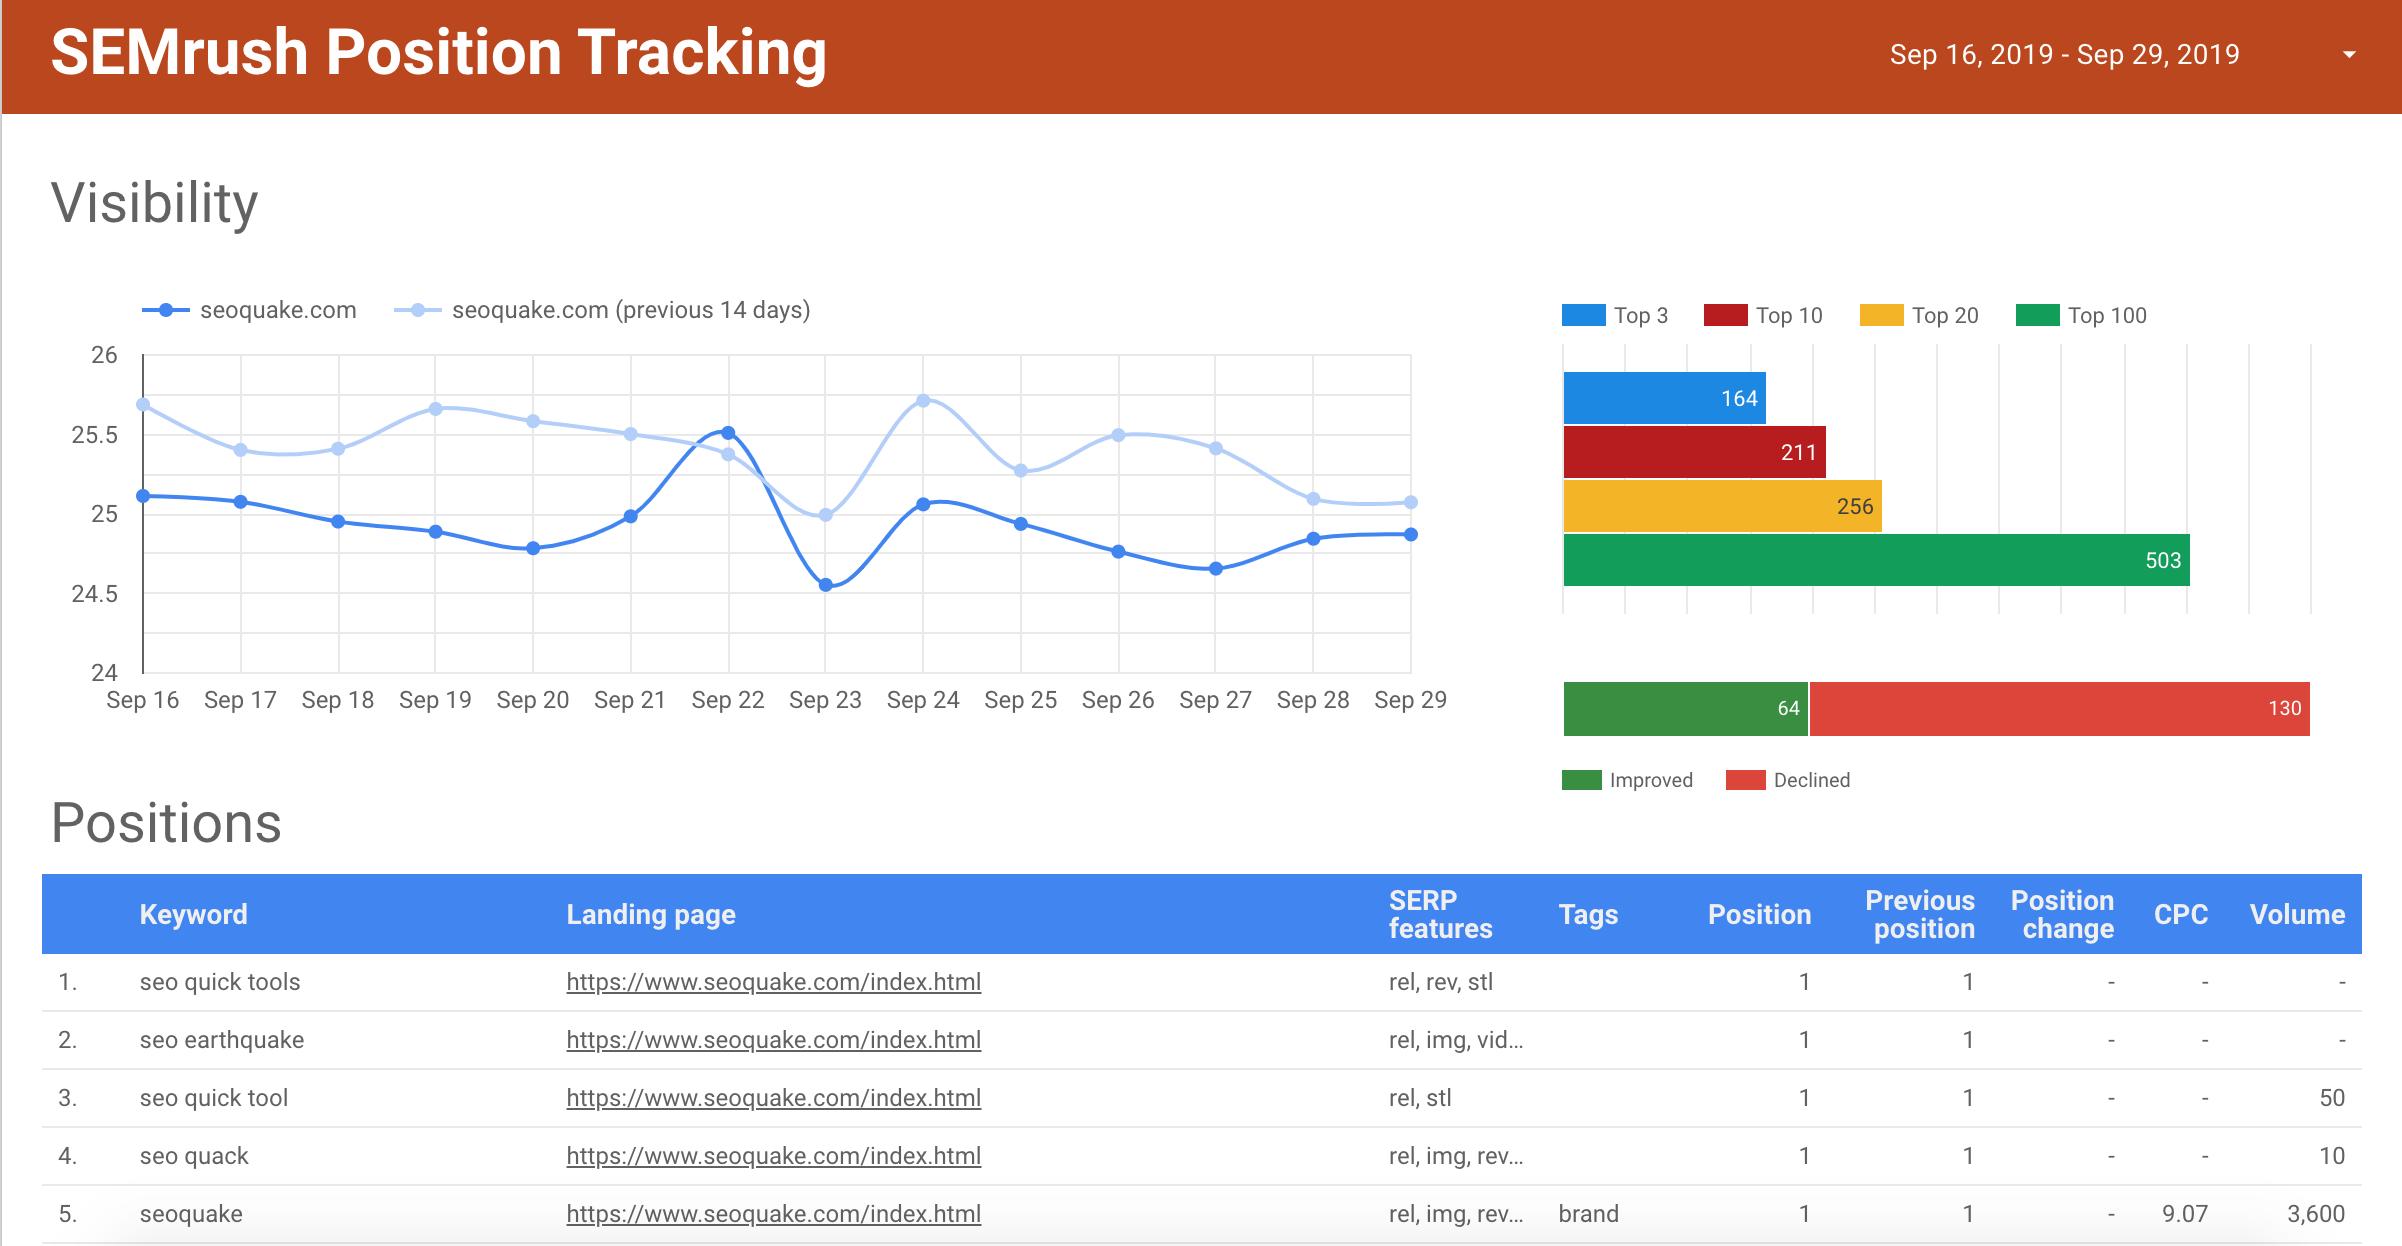 Données de SEMrush Position Tracking dans Google Data Studio